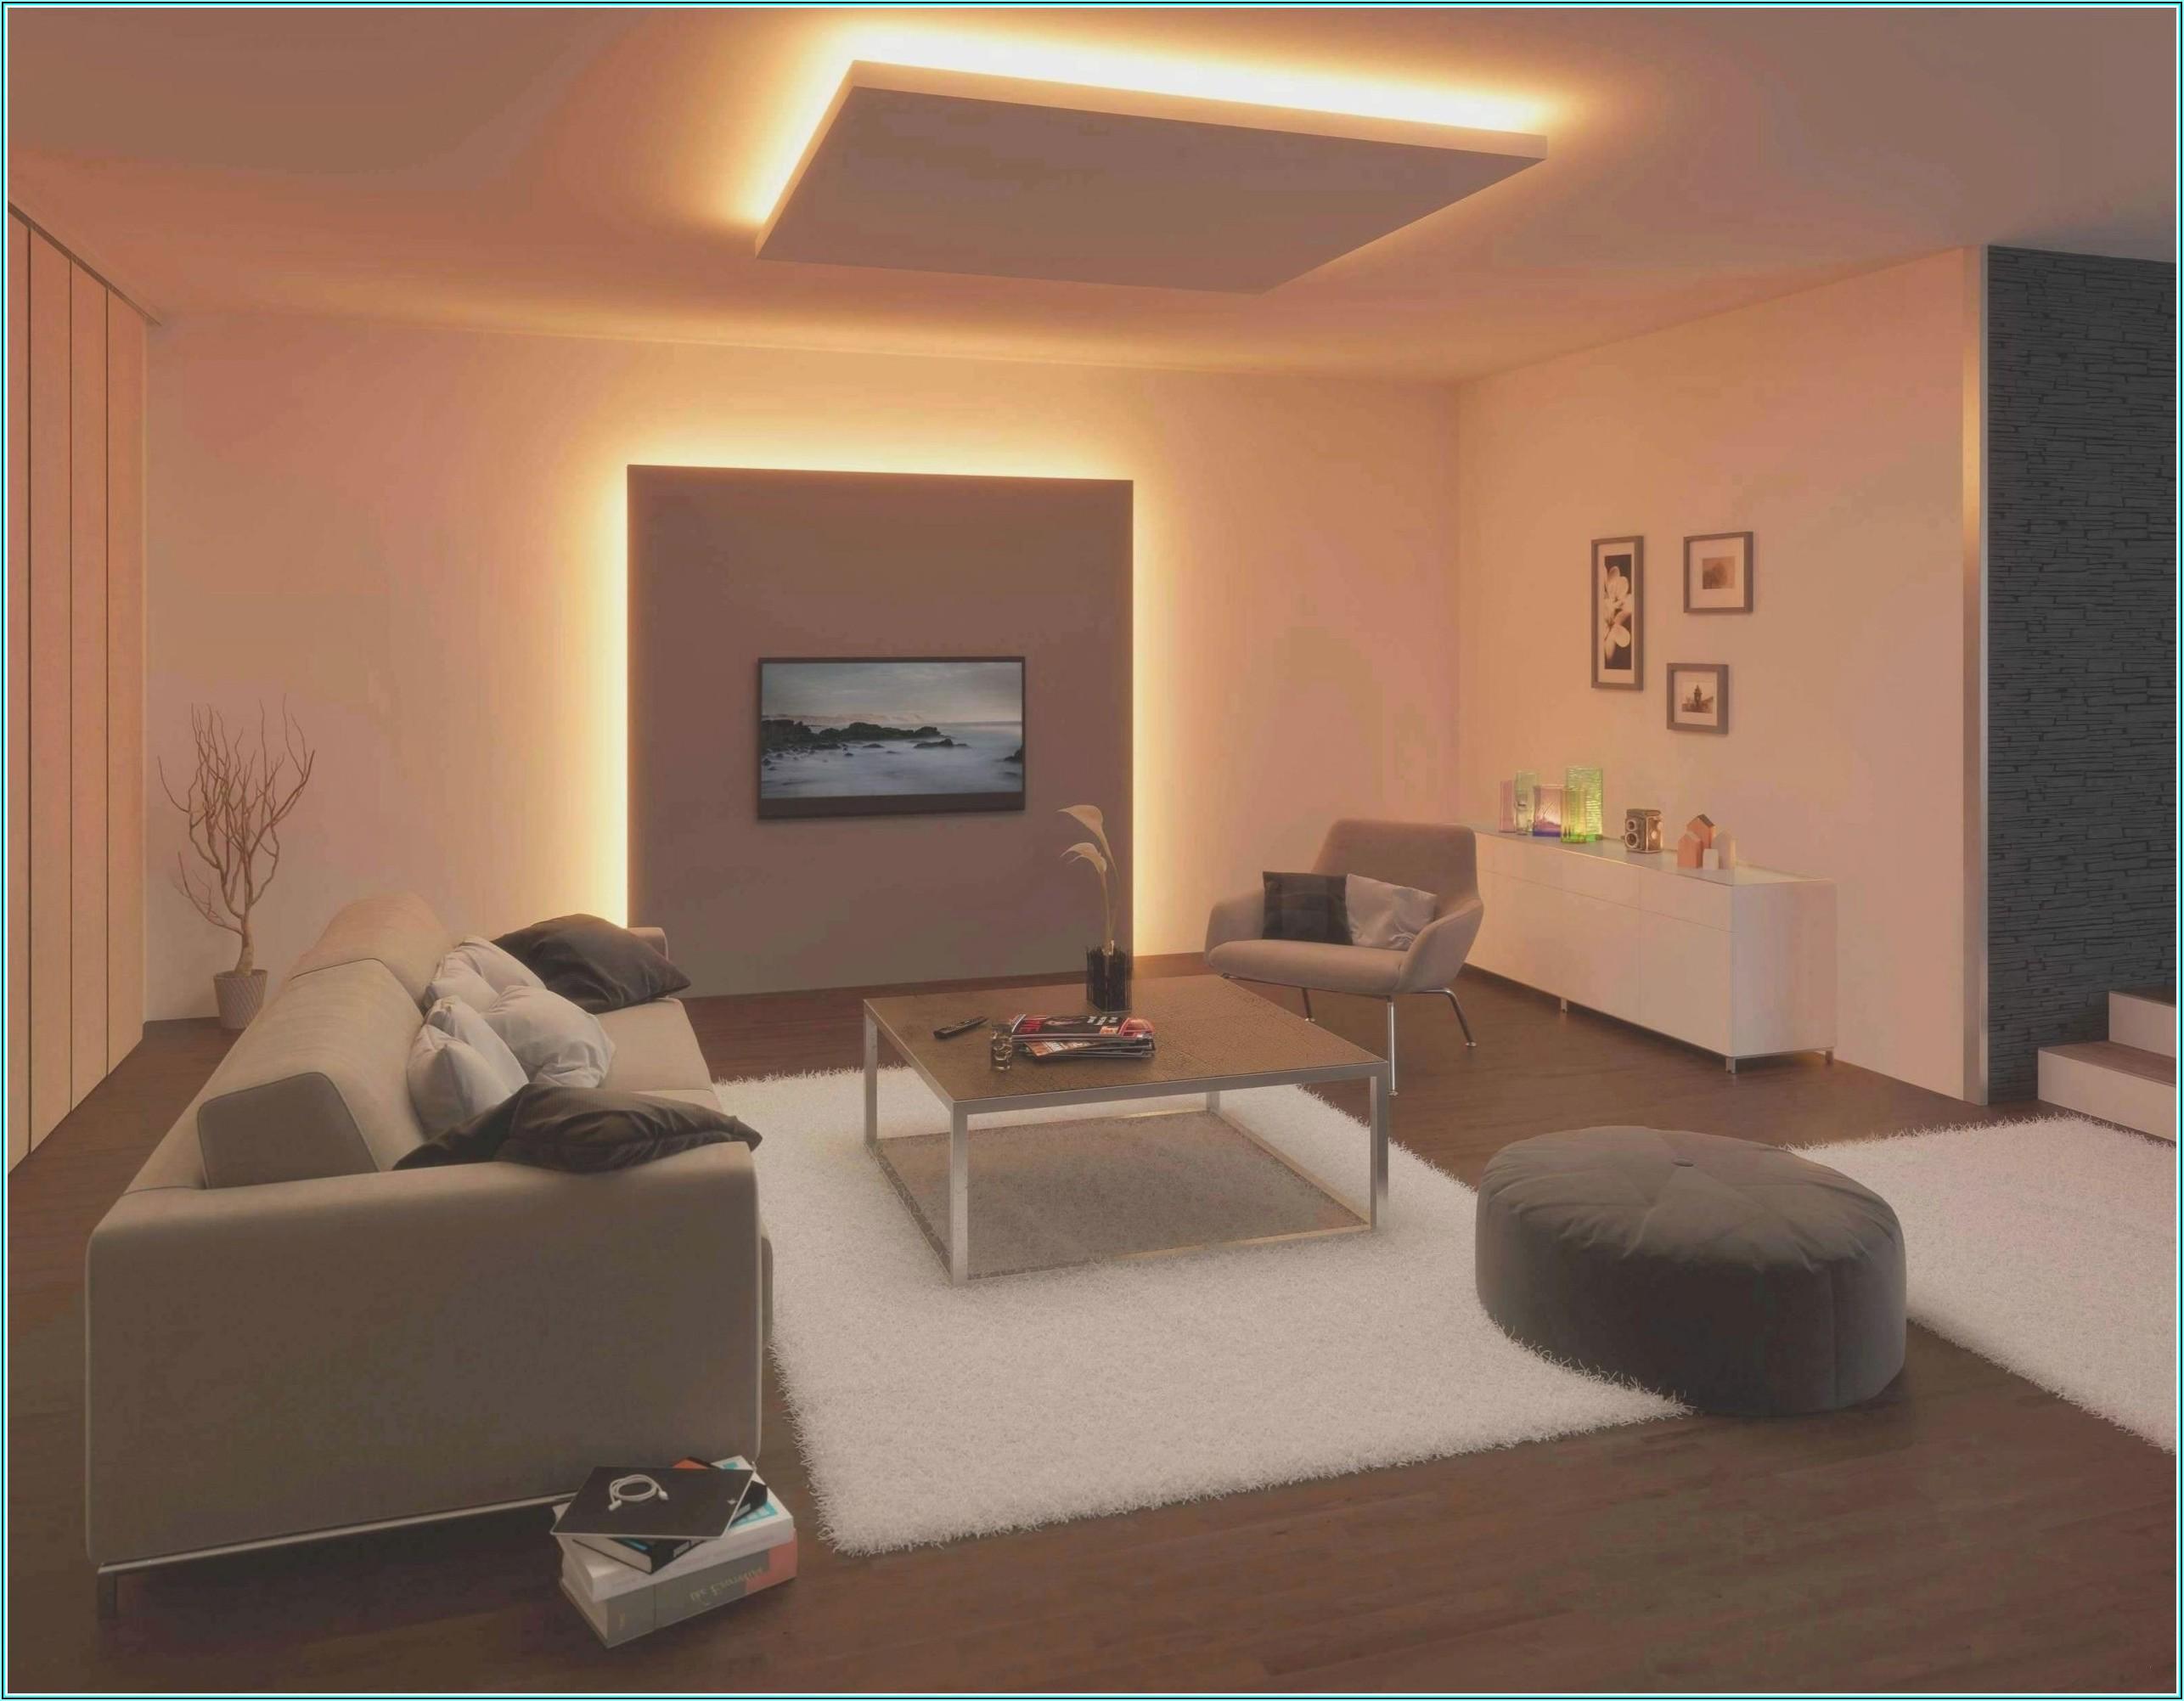 Bilder Für Wohnzimmer Zum Ausdrucken